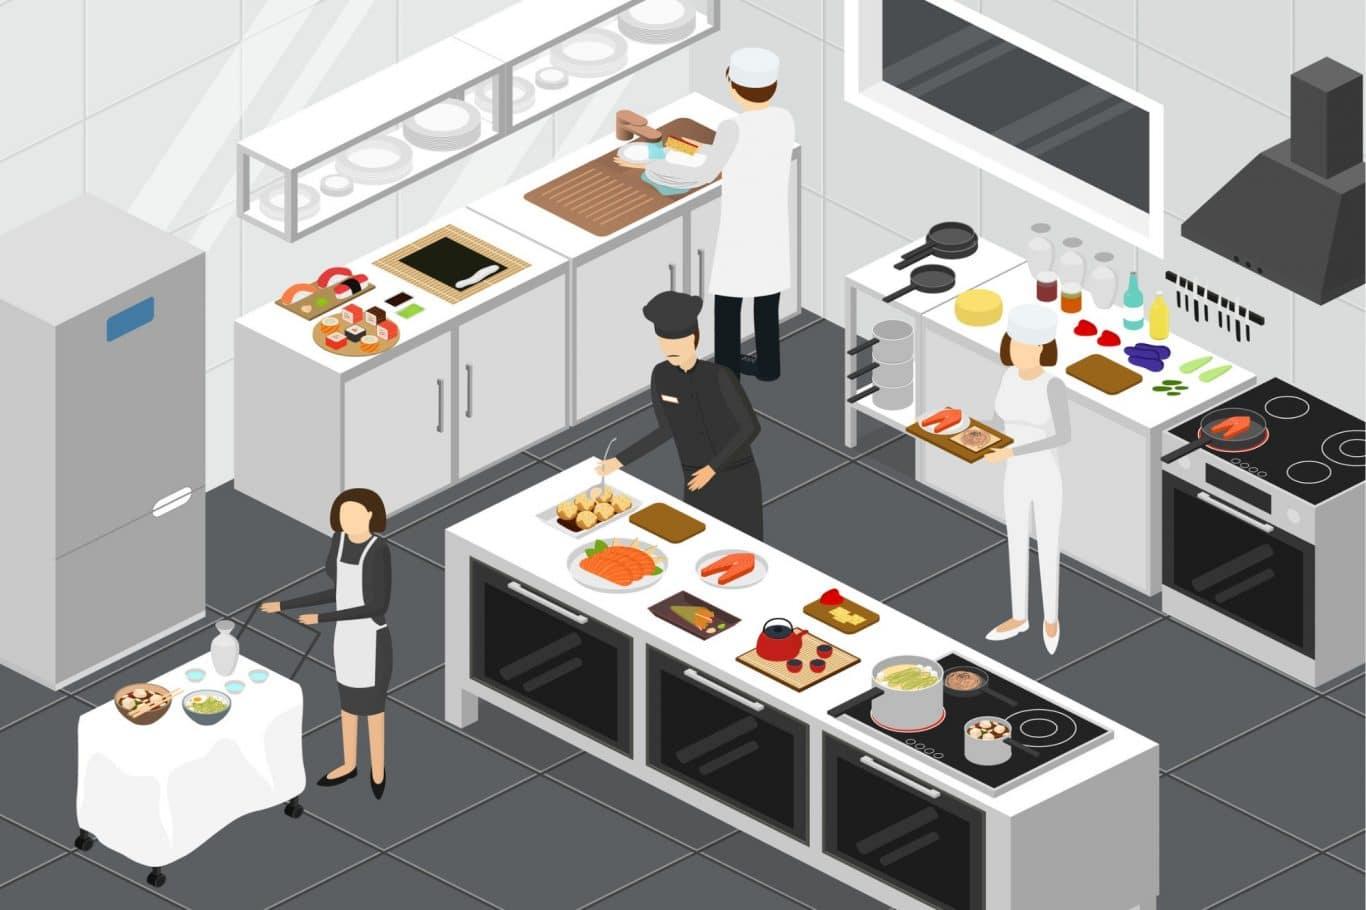 Entenda como funciona a carreira de gastronomia